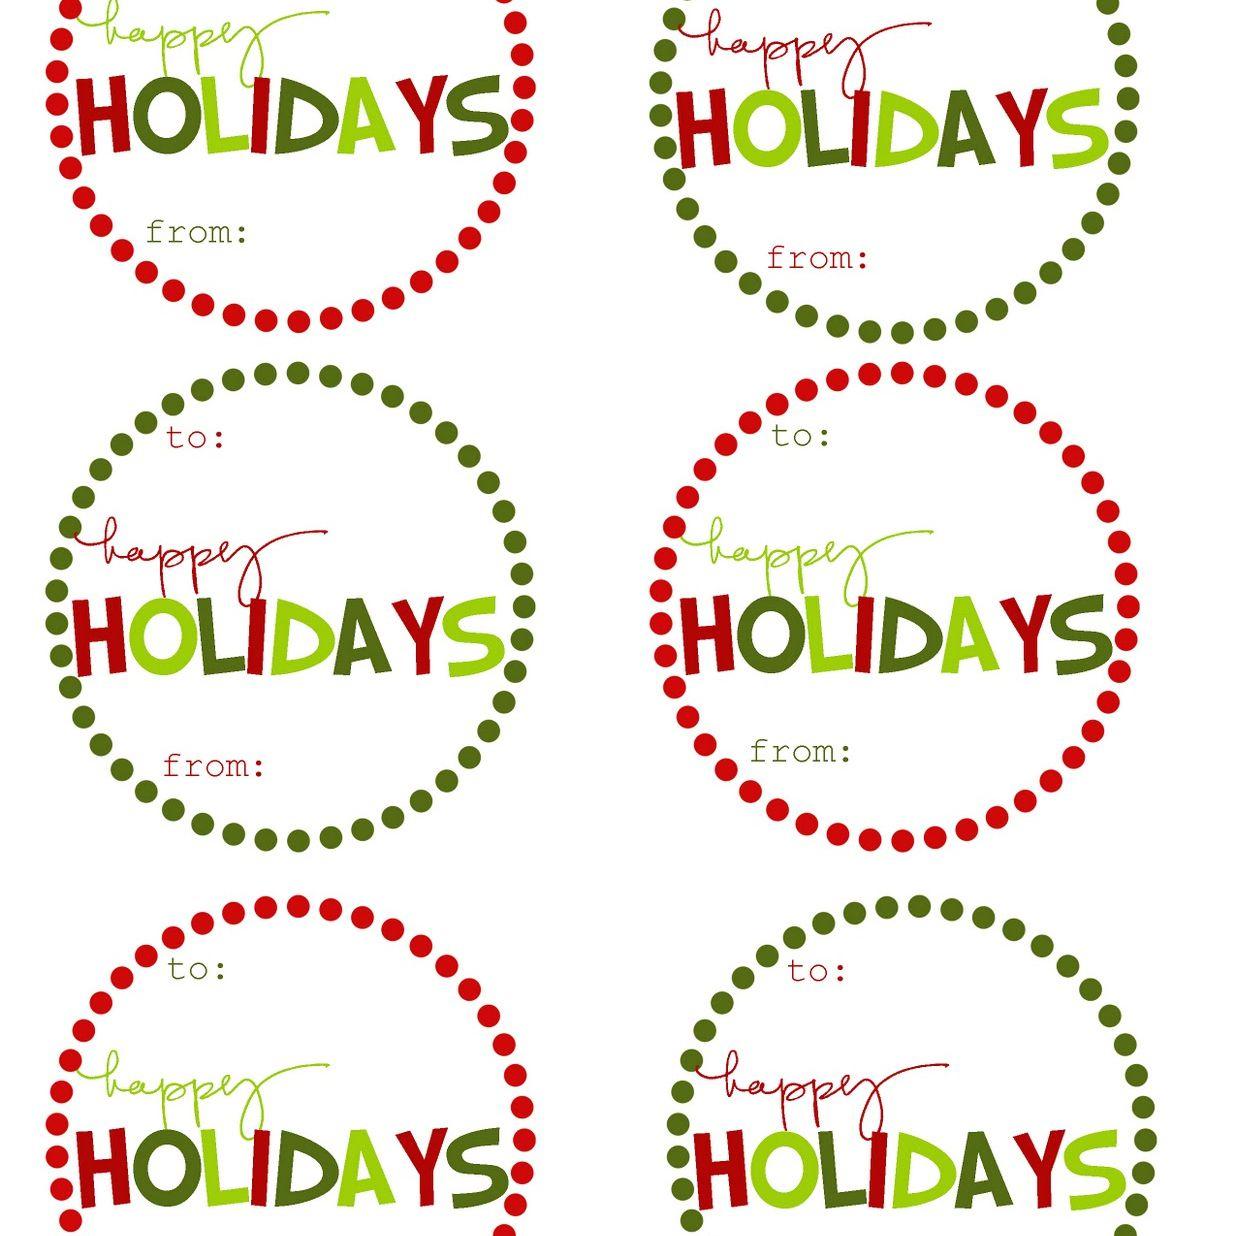 40 Sets Of Free Printable Christmas Gift Tags - Free Printable Tags